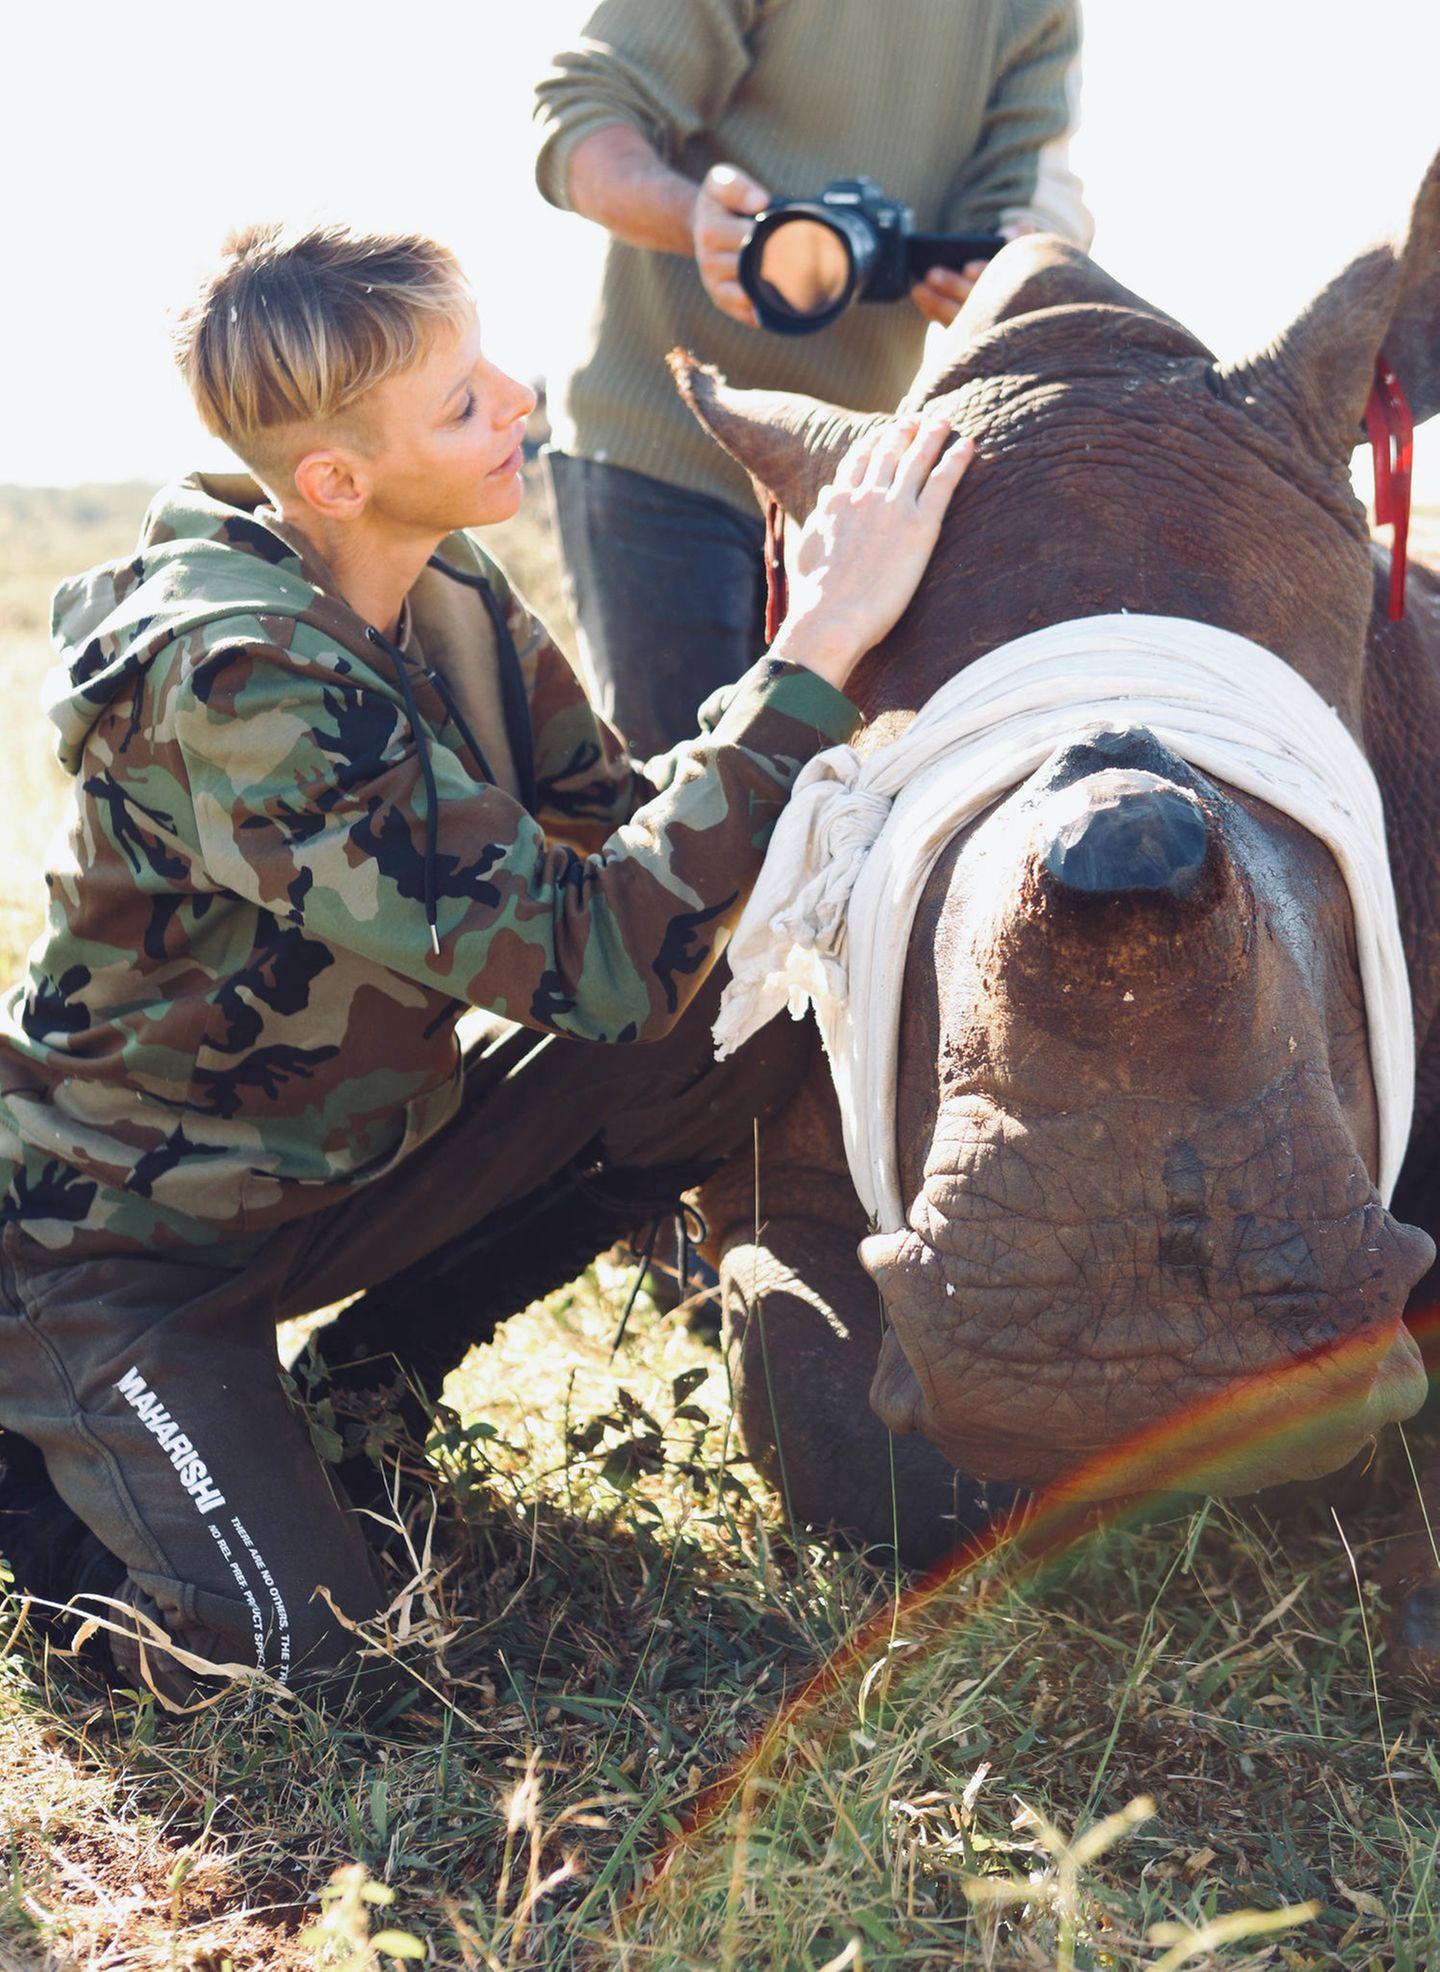 10. Mai 2021  Ein Herz für Tiere: Fürstin Charlène hilft Tierschützern ein Nashorn zu versorgen. Das Bild wurde während ihrer Afrika-Reise im Rahmen einer Mission zum Schutz der Wildtiere in der Provinz KwaZulu Natal inSüdafrika aufgenommen.